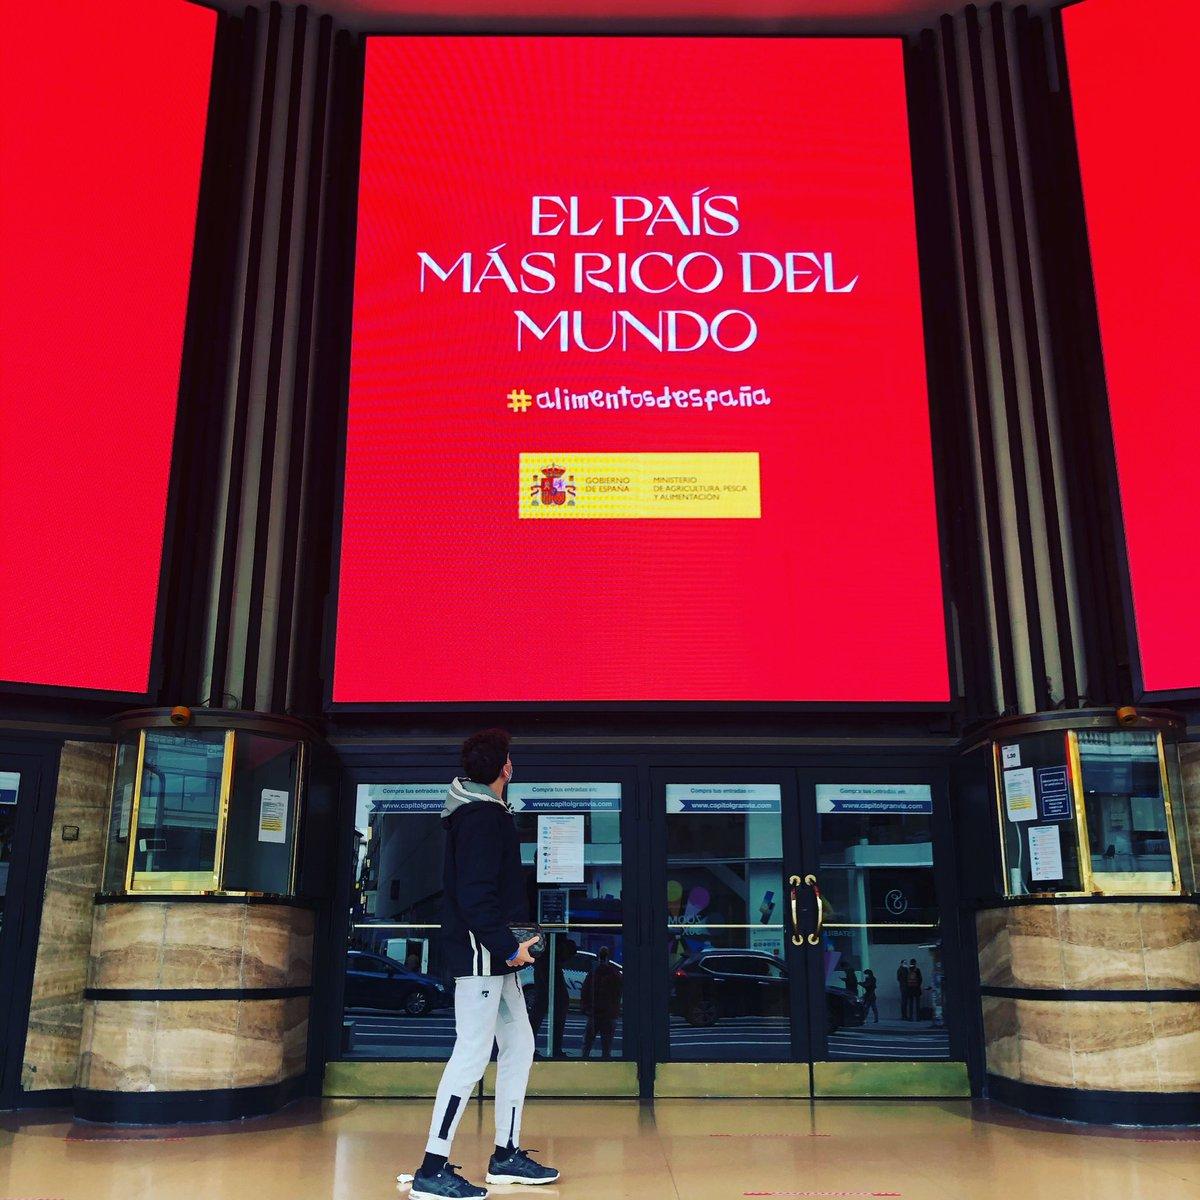 ILUSIONA ver este tipo de anuncios,  tenemos muchas cosas buenas.  ¡¡¡Vamos!! #somosespańa  #alimentosdespańa   📍 #teatrocapitol #Madrid